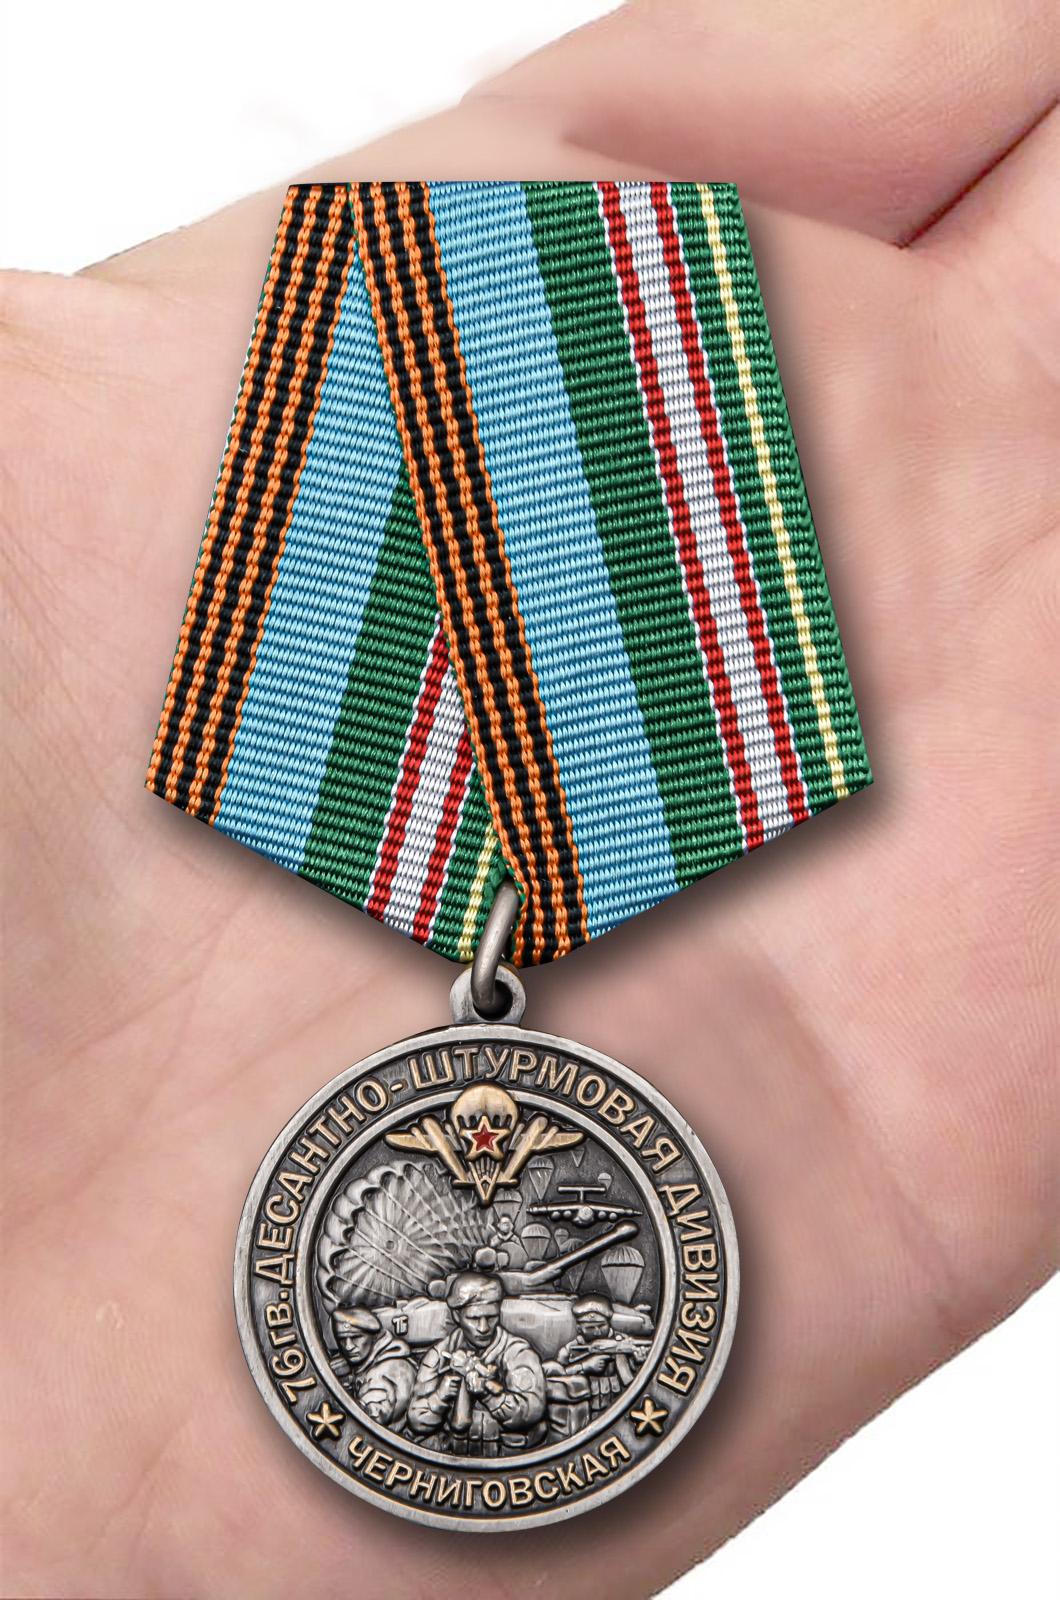 Заказать медаль 76-я гв. Десантно-штурмовая дивизия